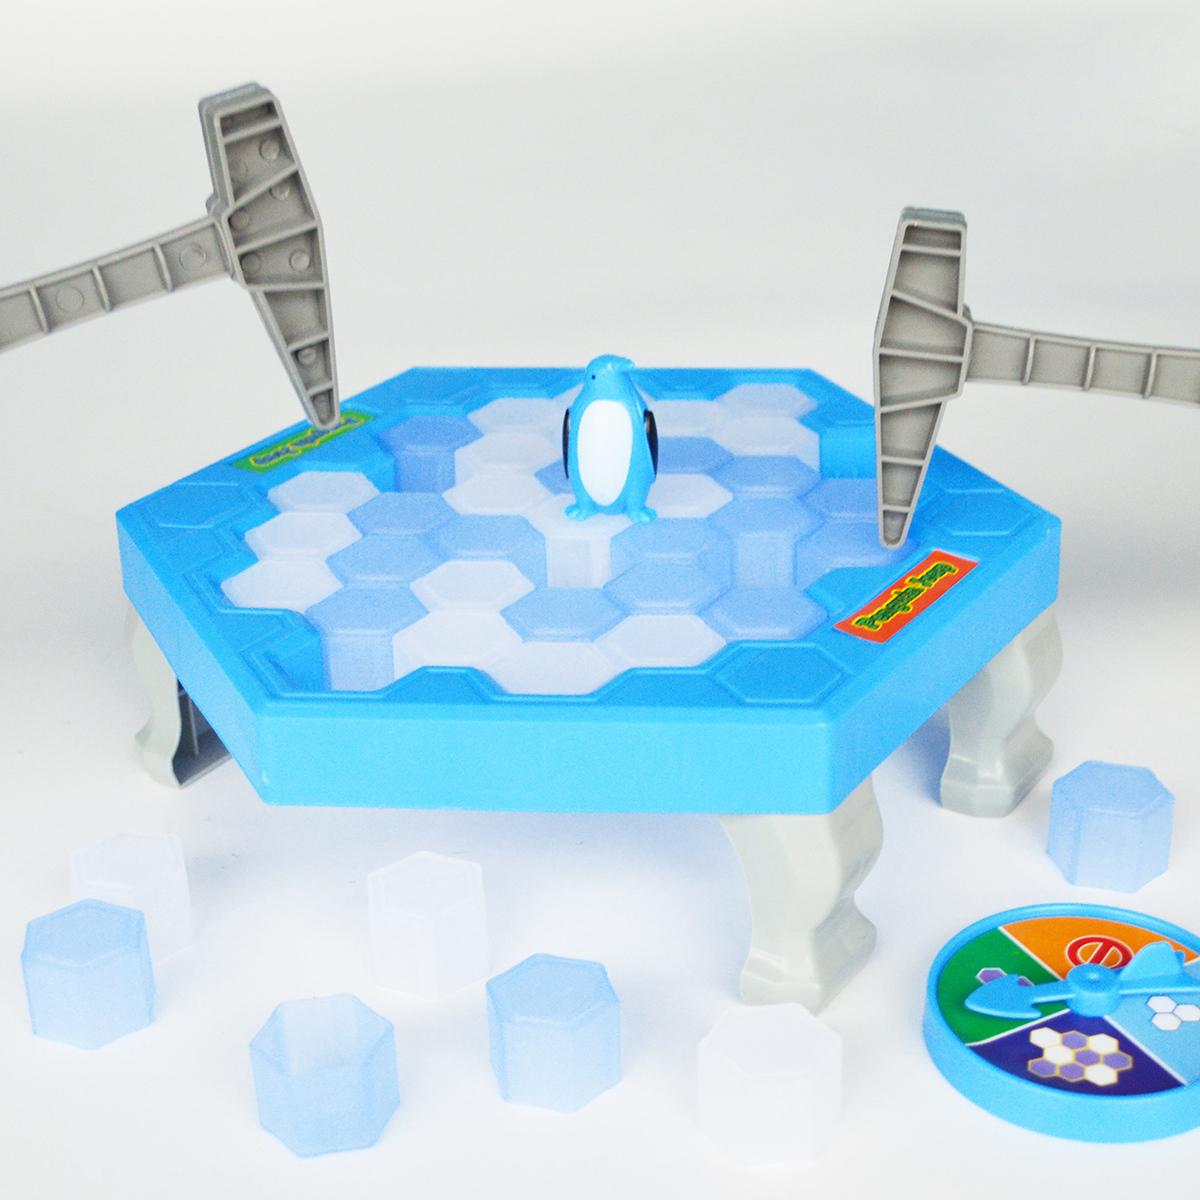 拯救破冰企鹅敲冰块亲子游戏减压儿童桌游创意益智抖音小锤子玩具